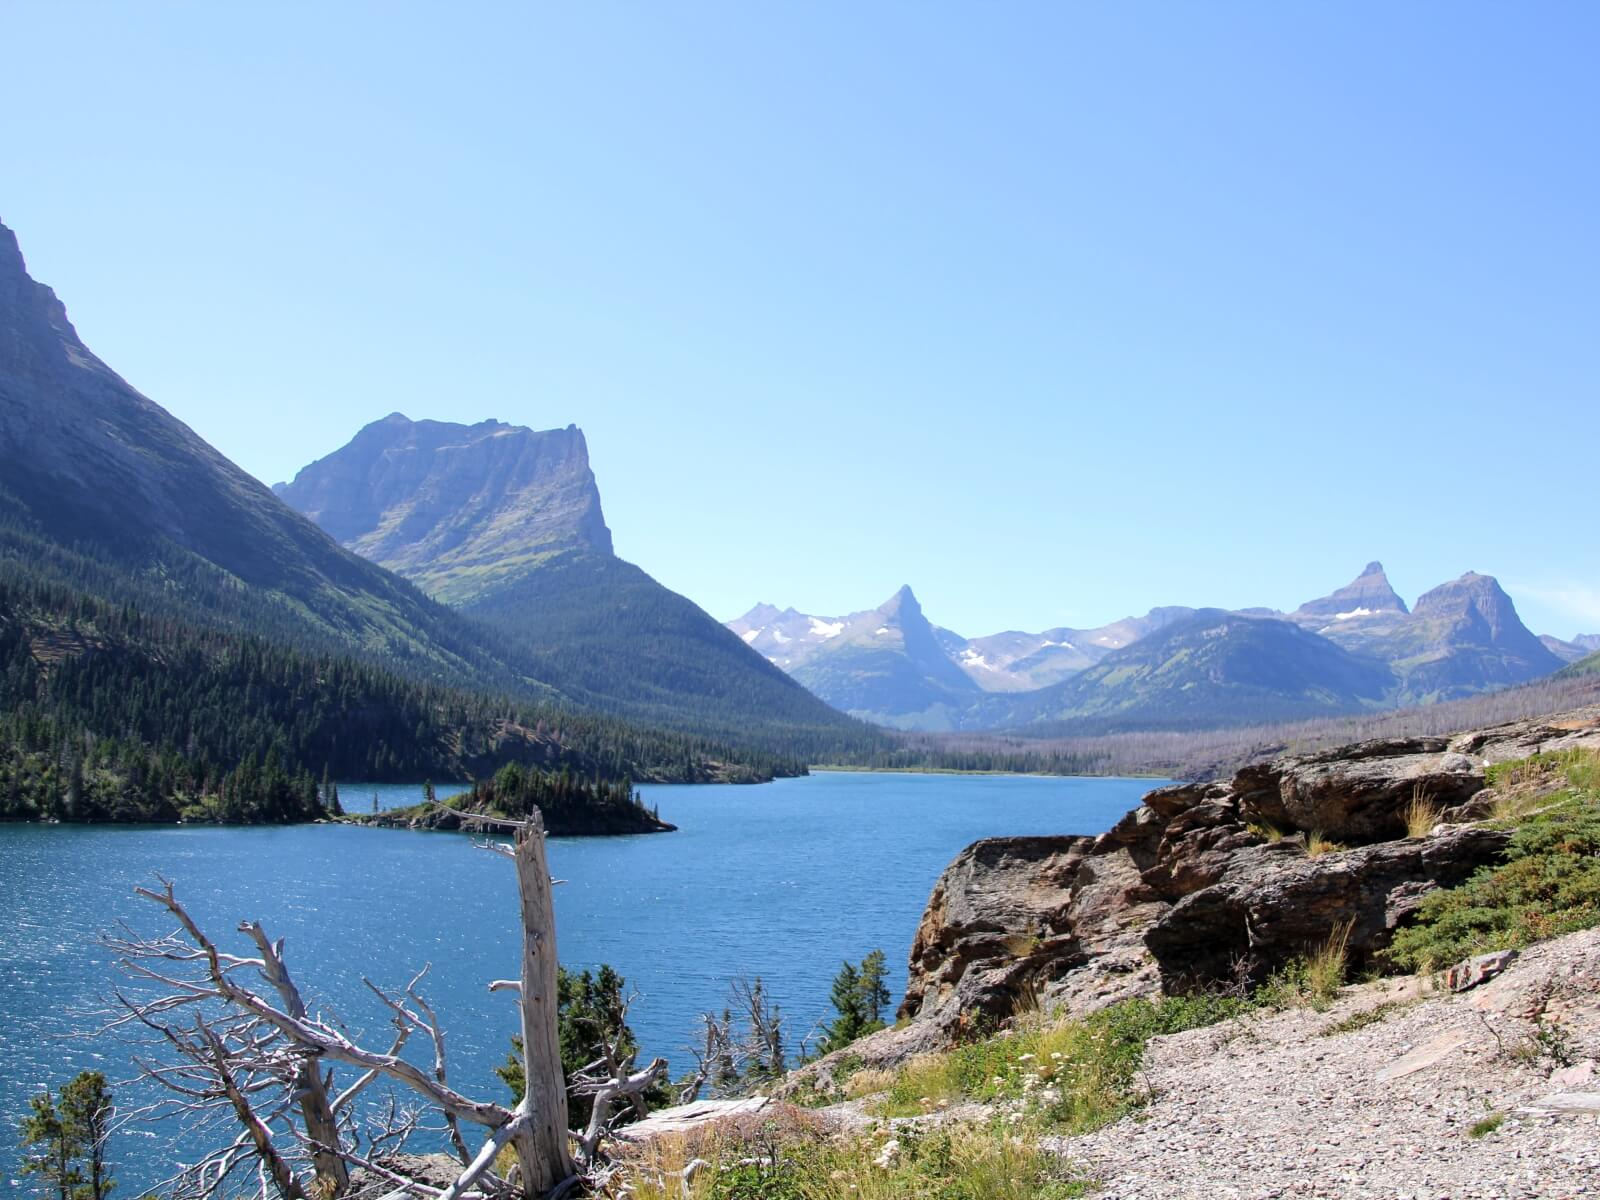 20.08.2019 bis 28.08.2019: Die Fahrt in den Westen voll langweilig! Der erste USA Nationalpark Glacier!